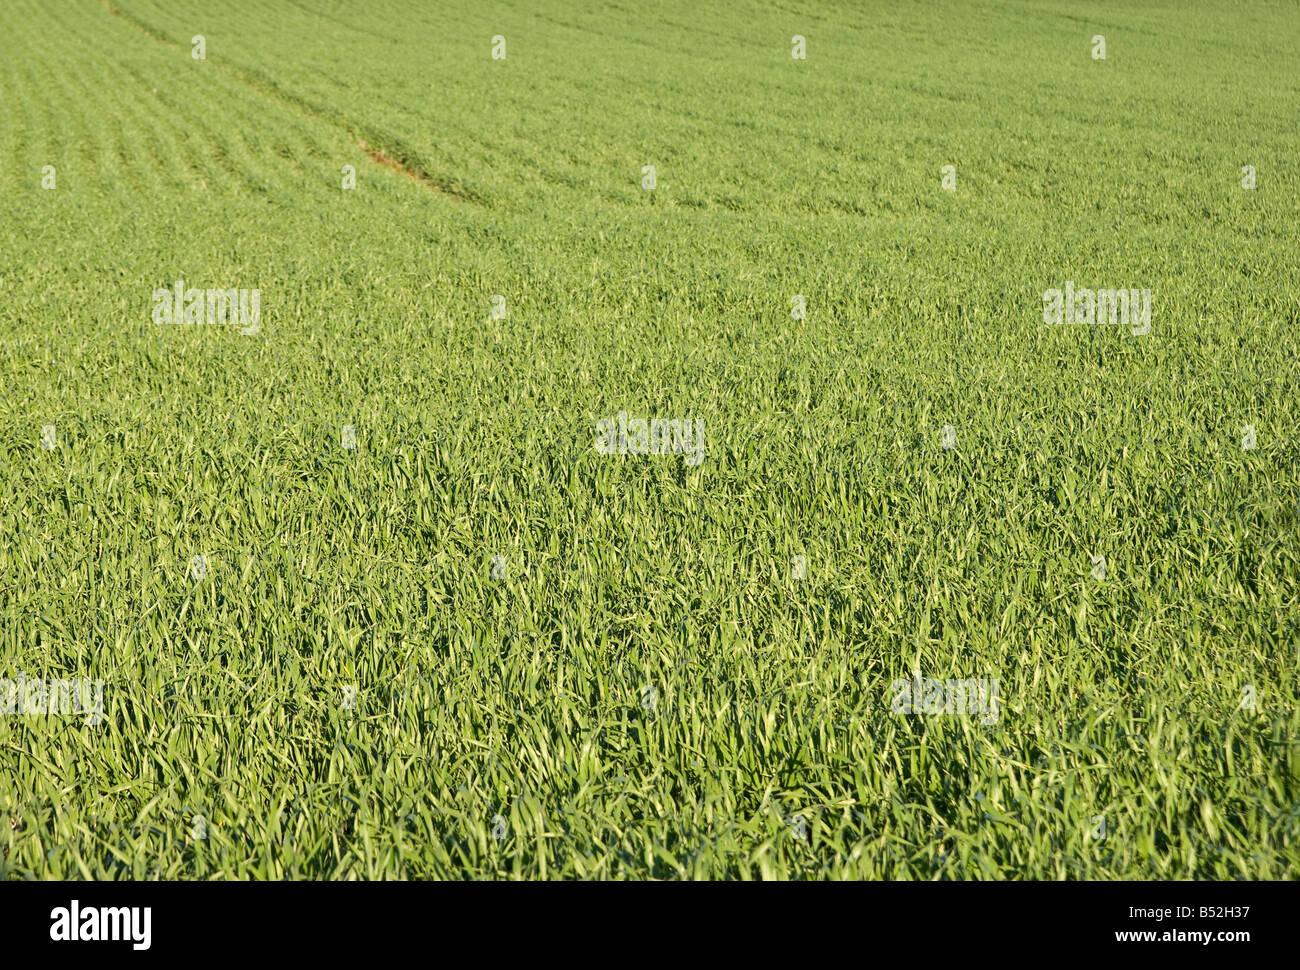 Gran imagen de un bonito campo de hierba verde Imagen De Stock